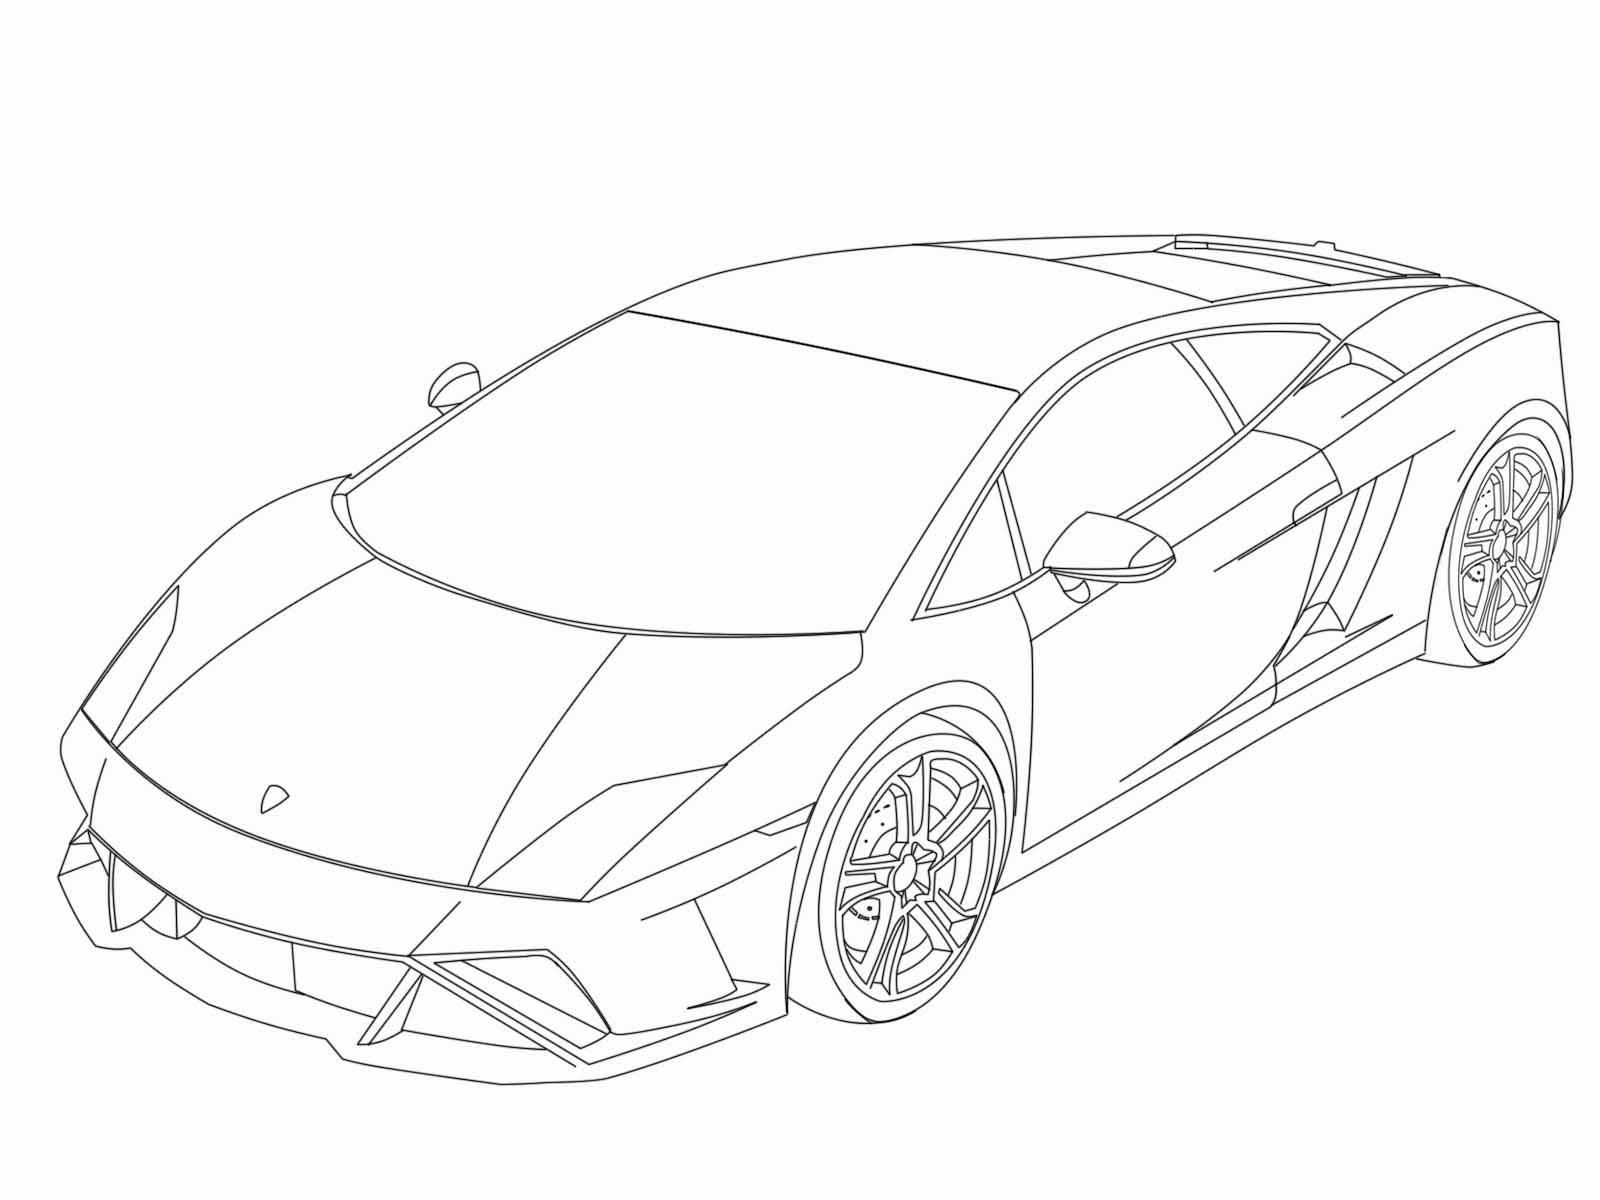 Gambar Mewarnai Mobil Lamborghini Gambar Mewarnai Hd